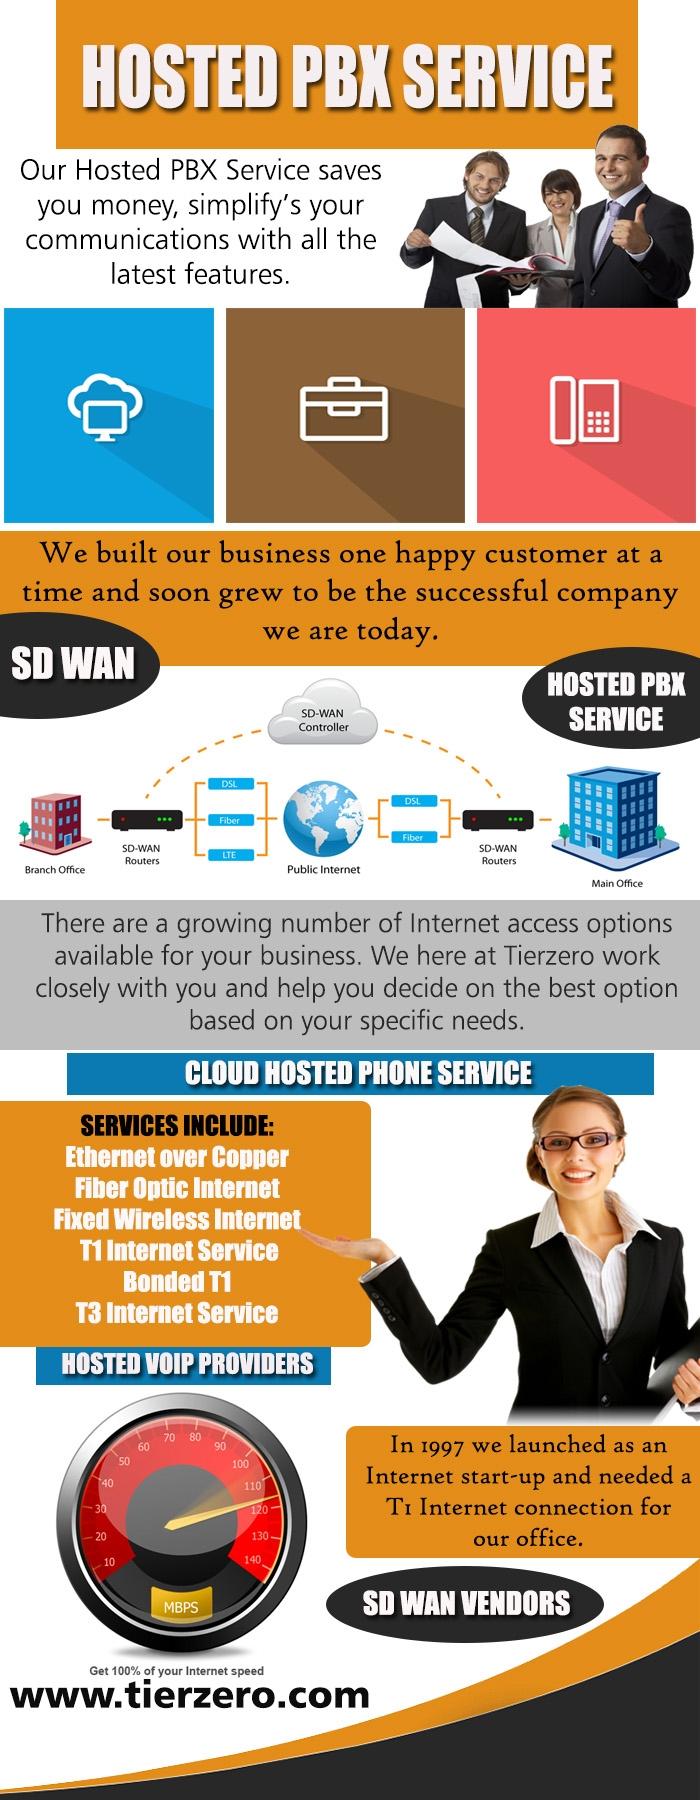 Business Phone Providers odd lo - fiberopticinternet | ello